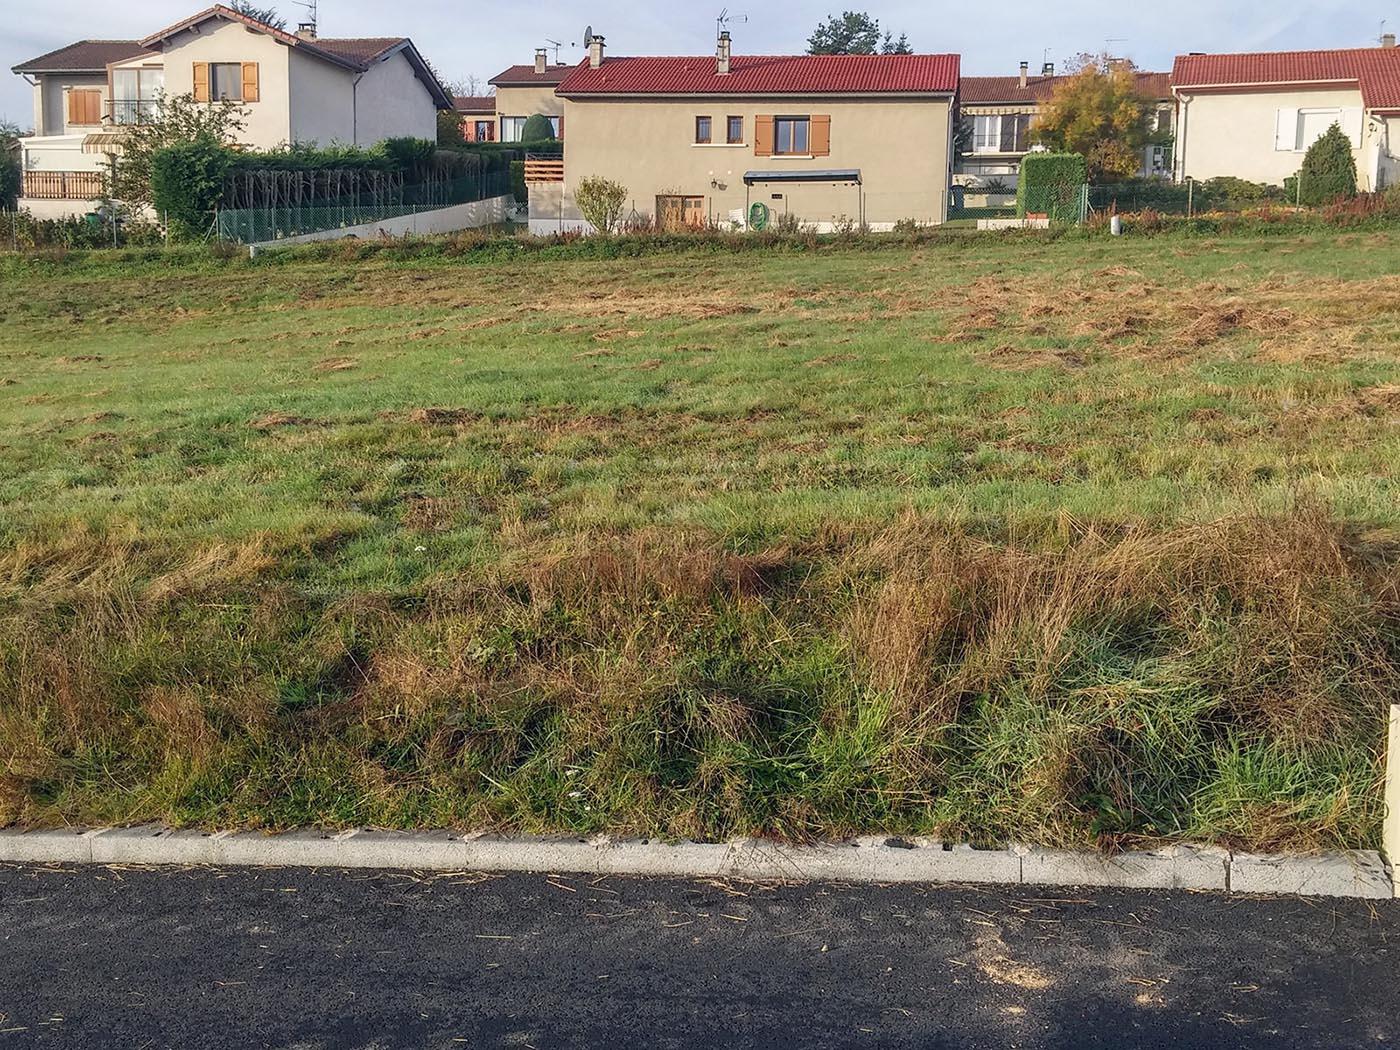 Achat de terrains constructibles en haute loire pas chers for Achat terrain a construire